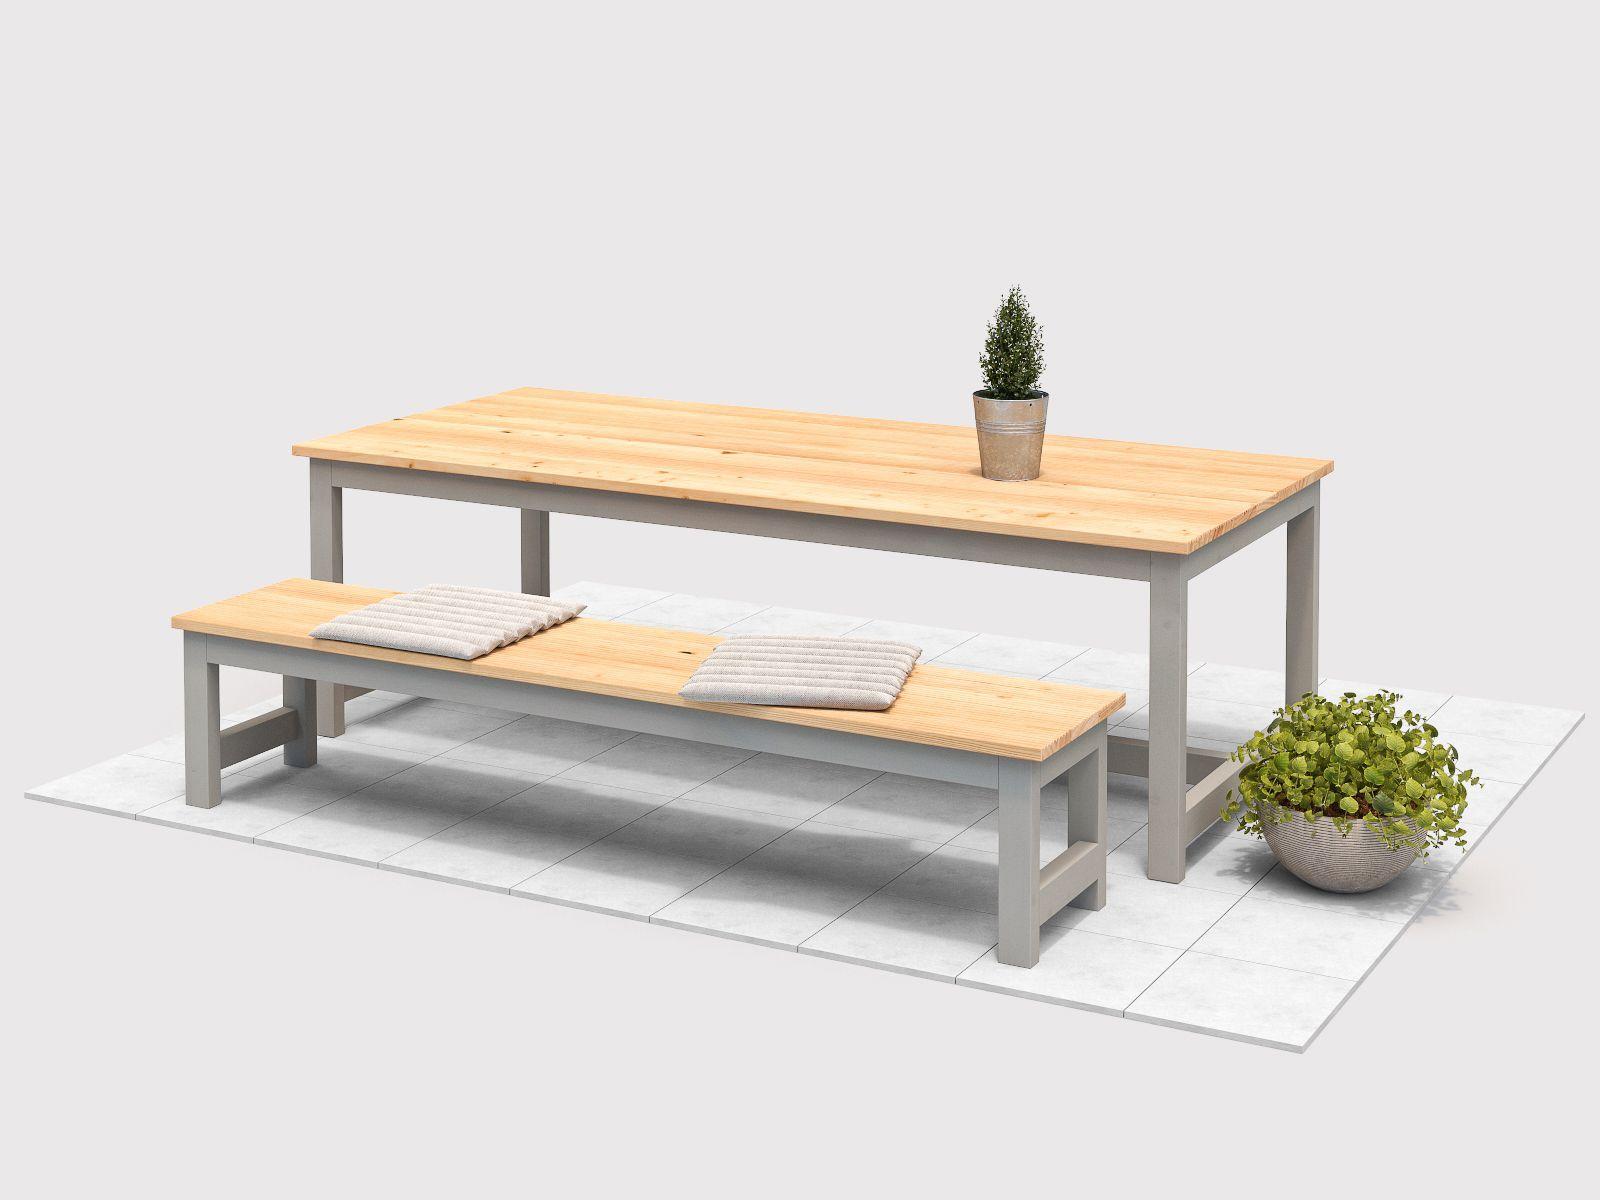 Gartentisch Richard Create By Obi Gartentisch Terrassen Tische Terrassentisch